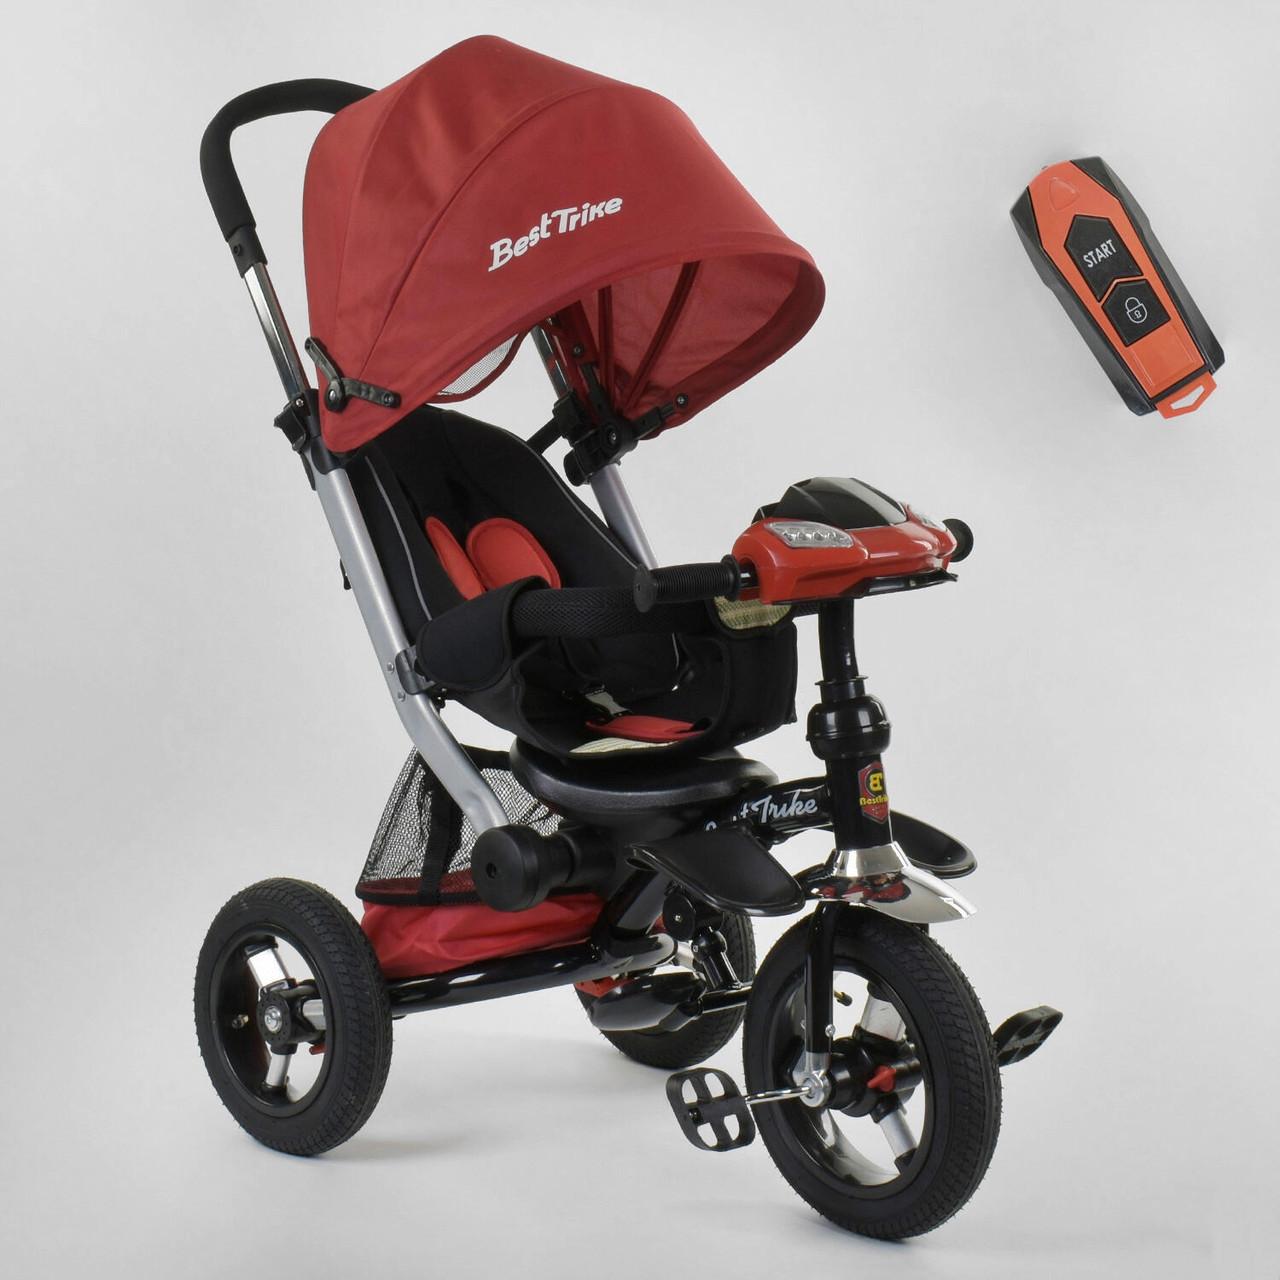 Трехколесный велосипед с фарой и надувными колесами Best Trike 698 / 31-226 Красный (НАДУВНЫЕ)